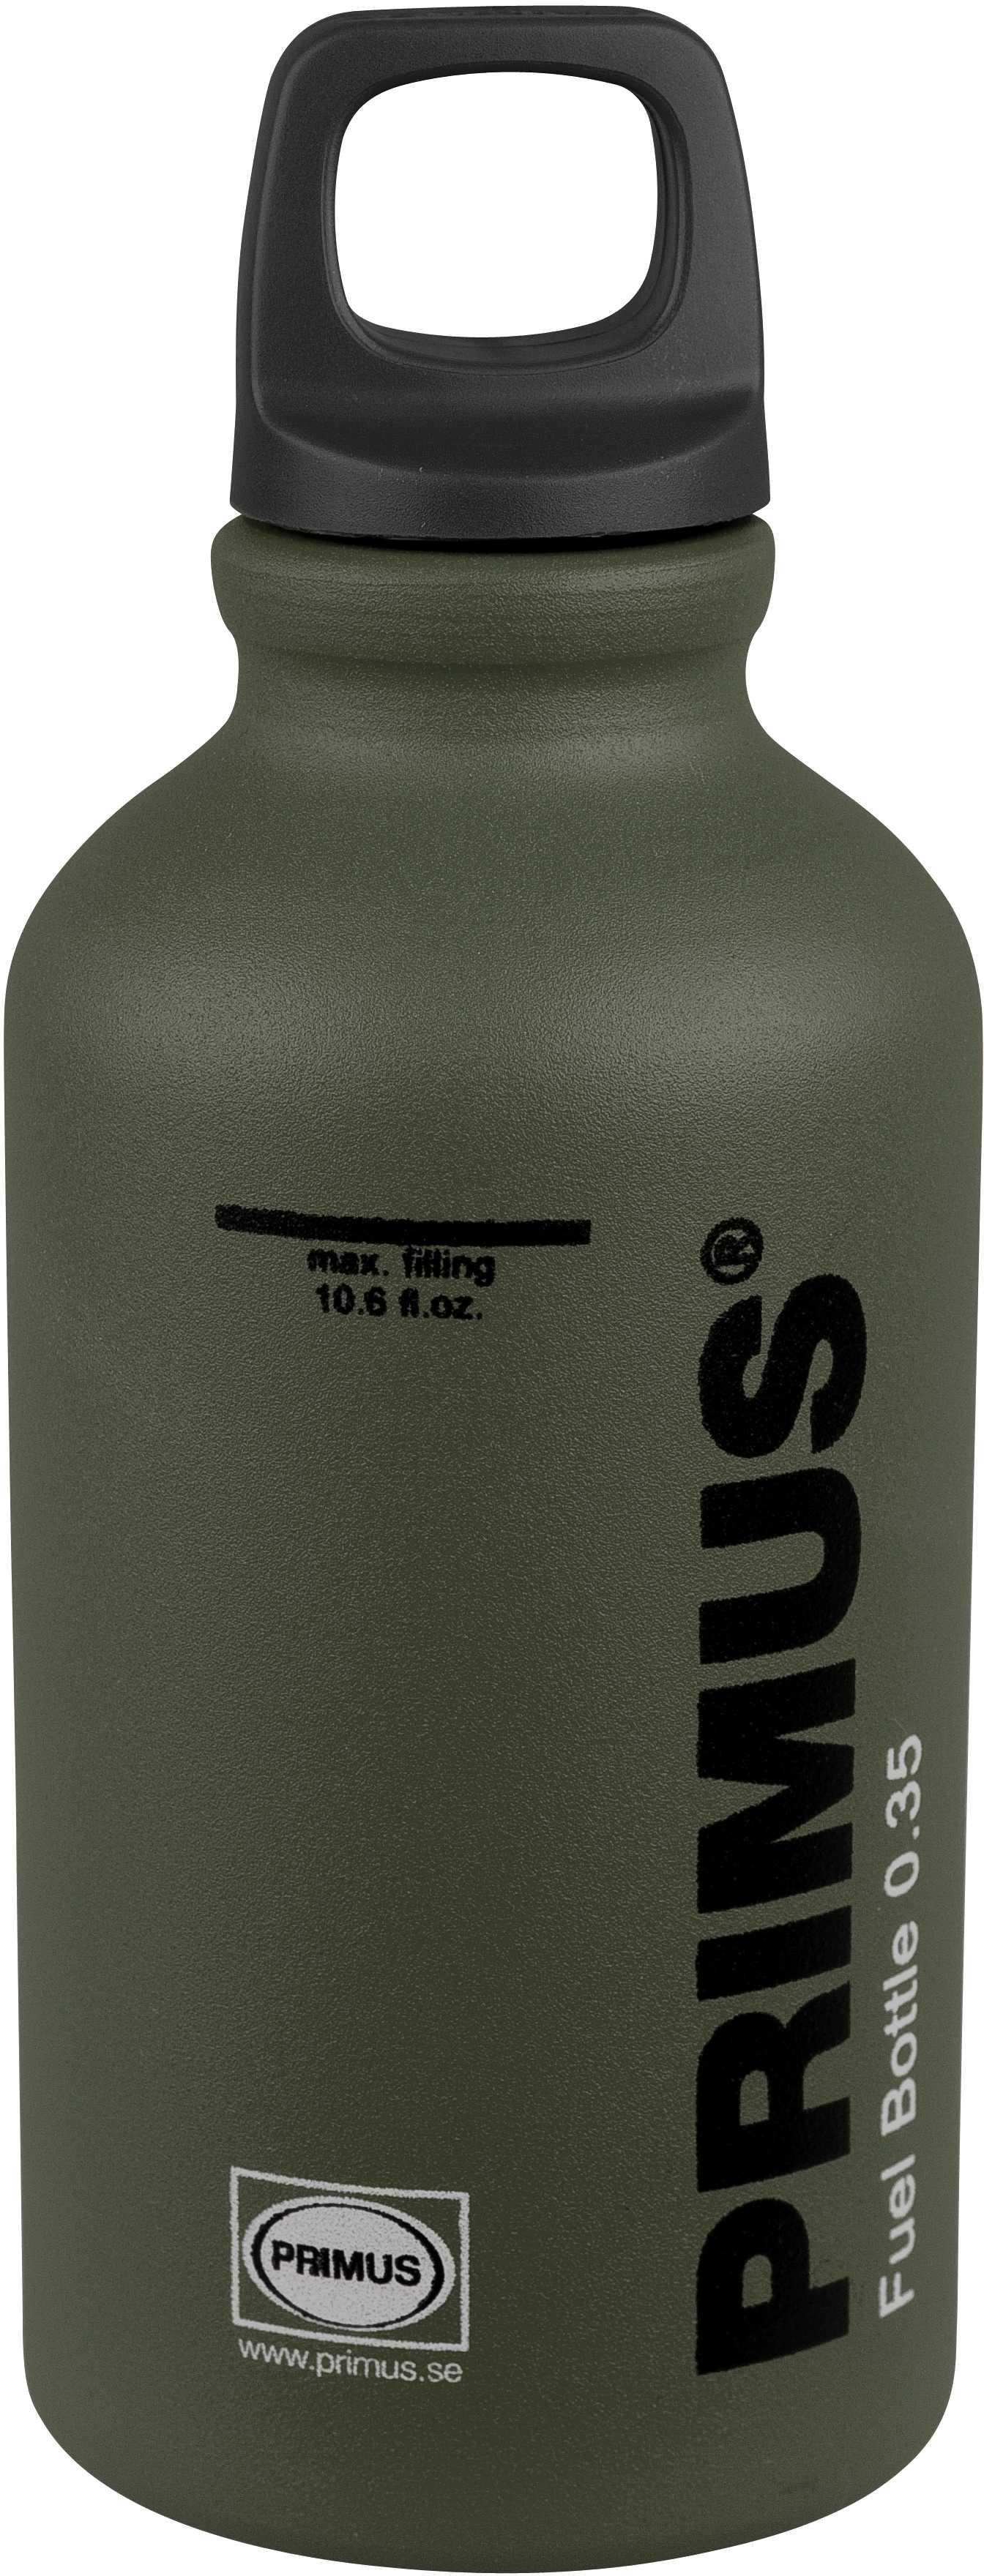 Primus Fuel Bottle 0.35L | Bottles